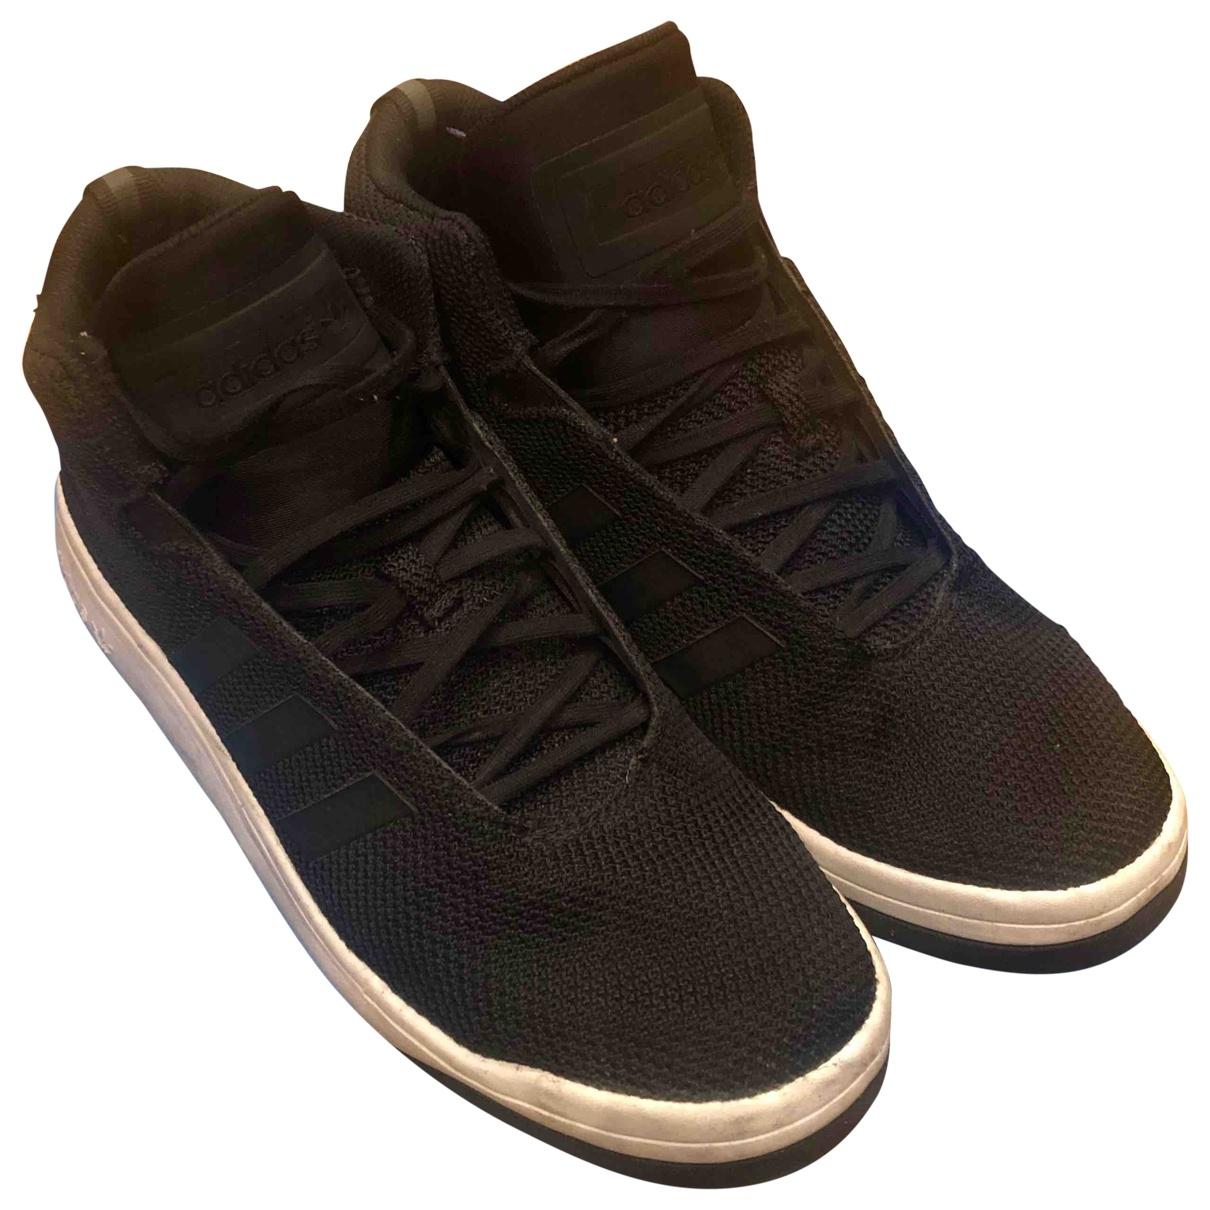 Adidas - Baskets   pour homme en cuir - noir